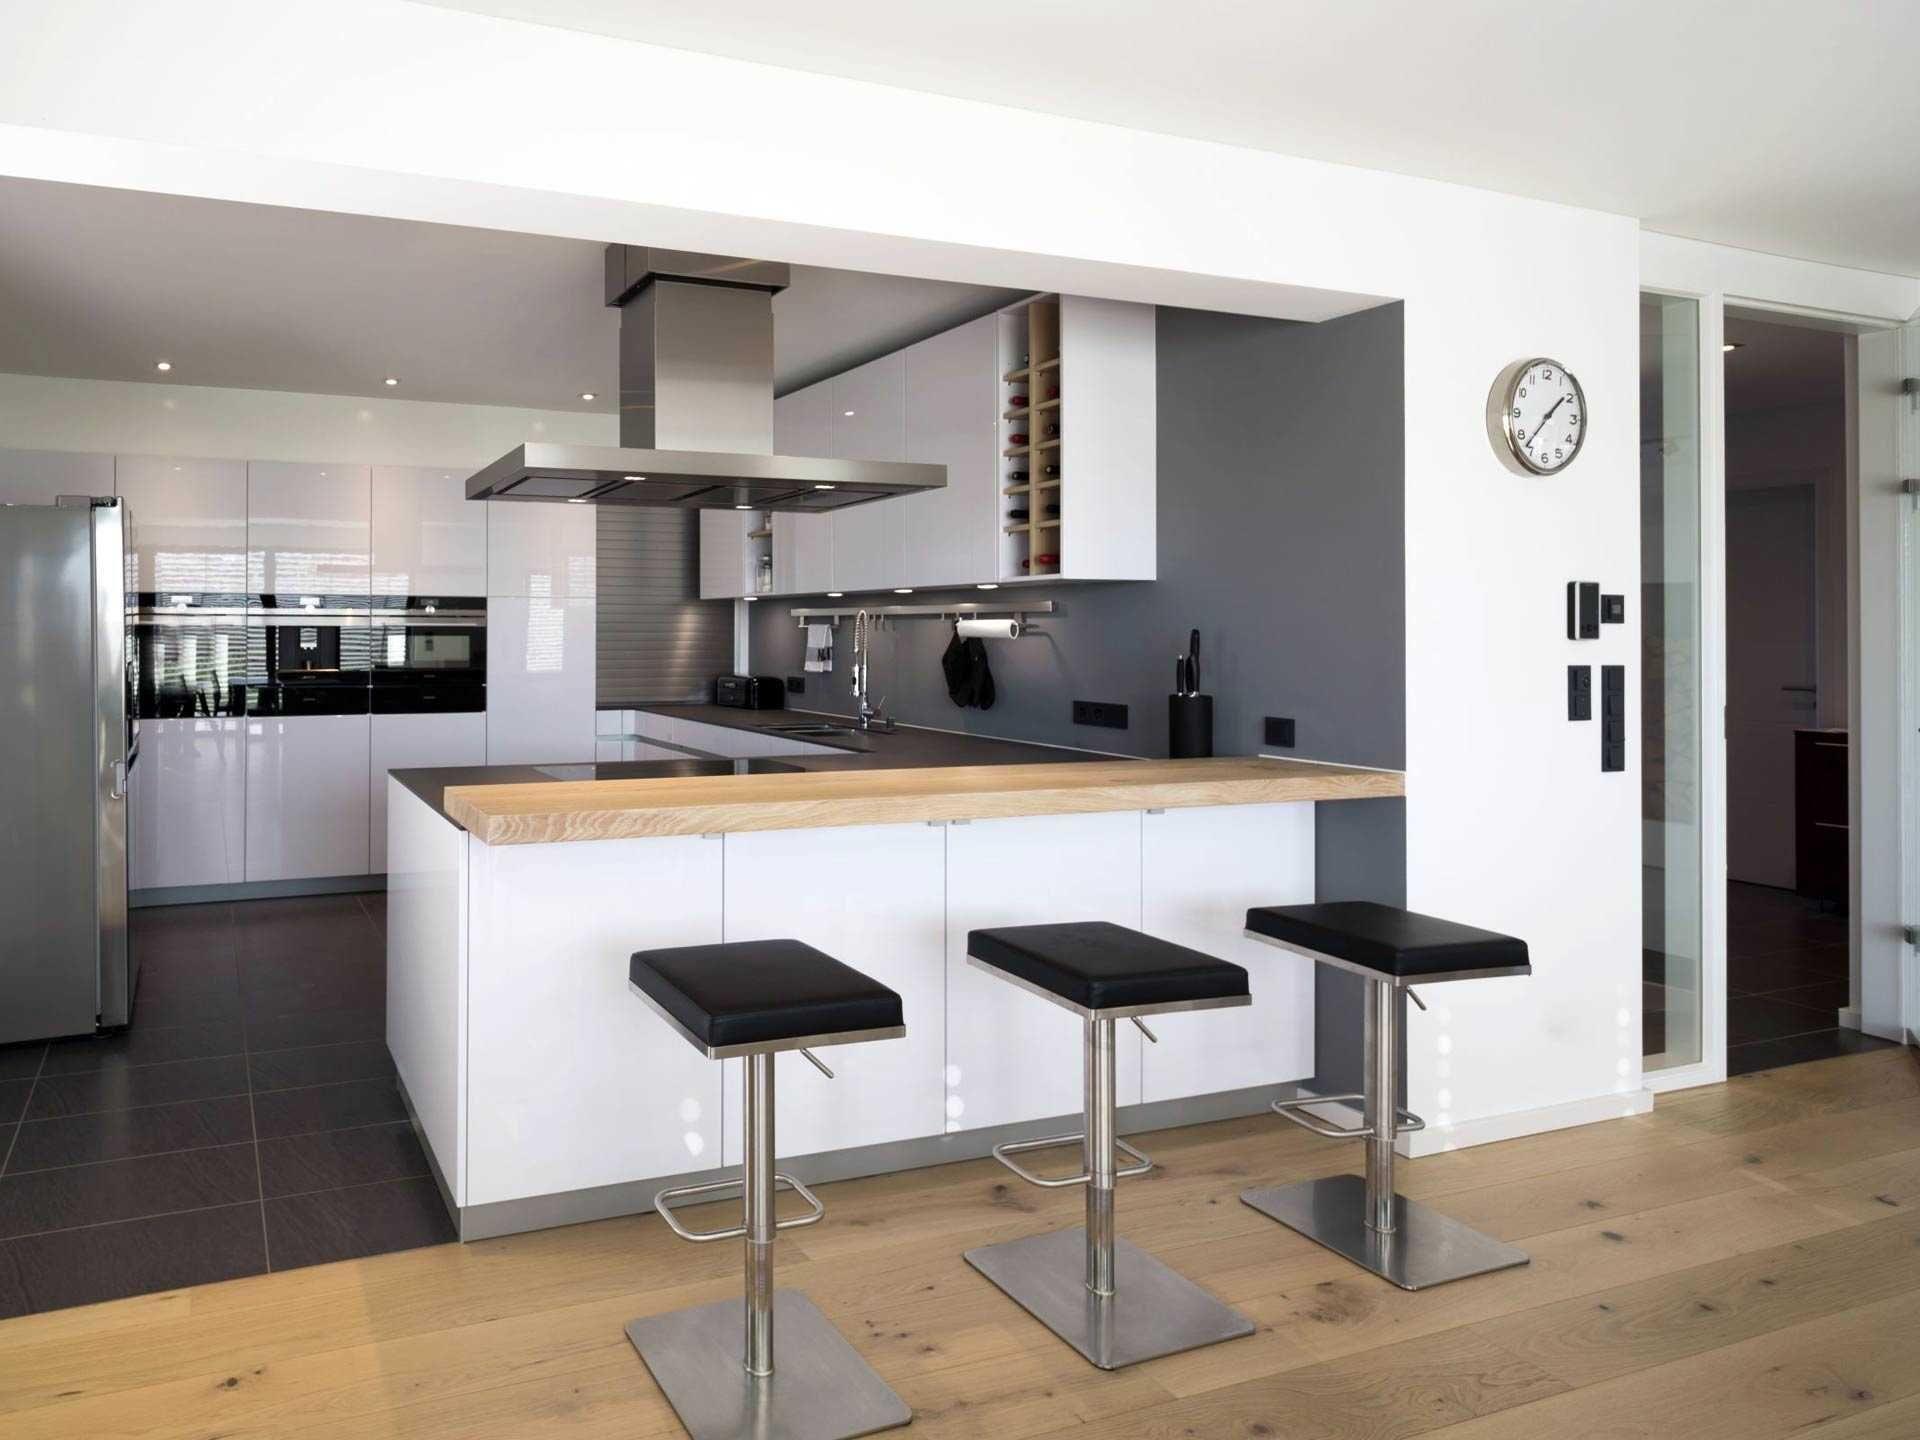 ▷ Kubus Haus Ulm - Regnauer Hausbau #buildingahouse